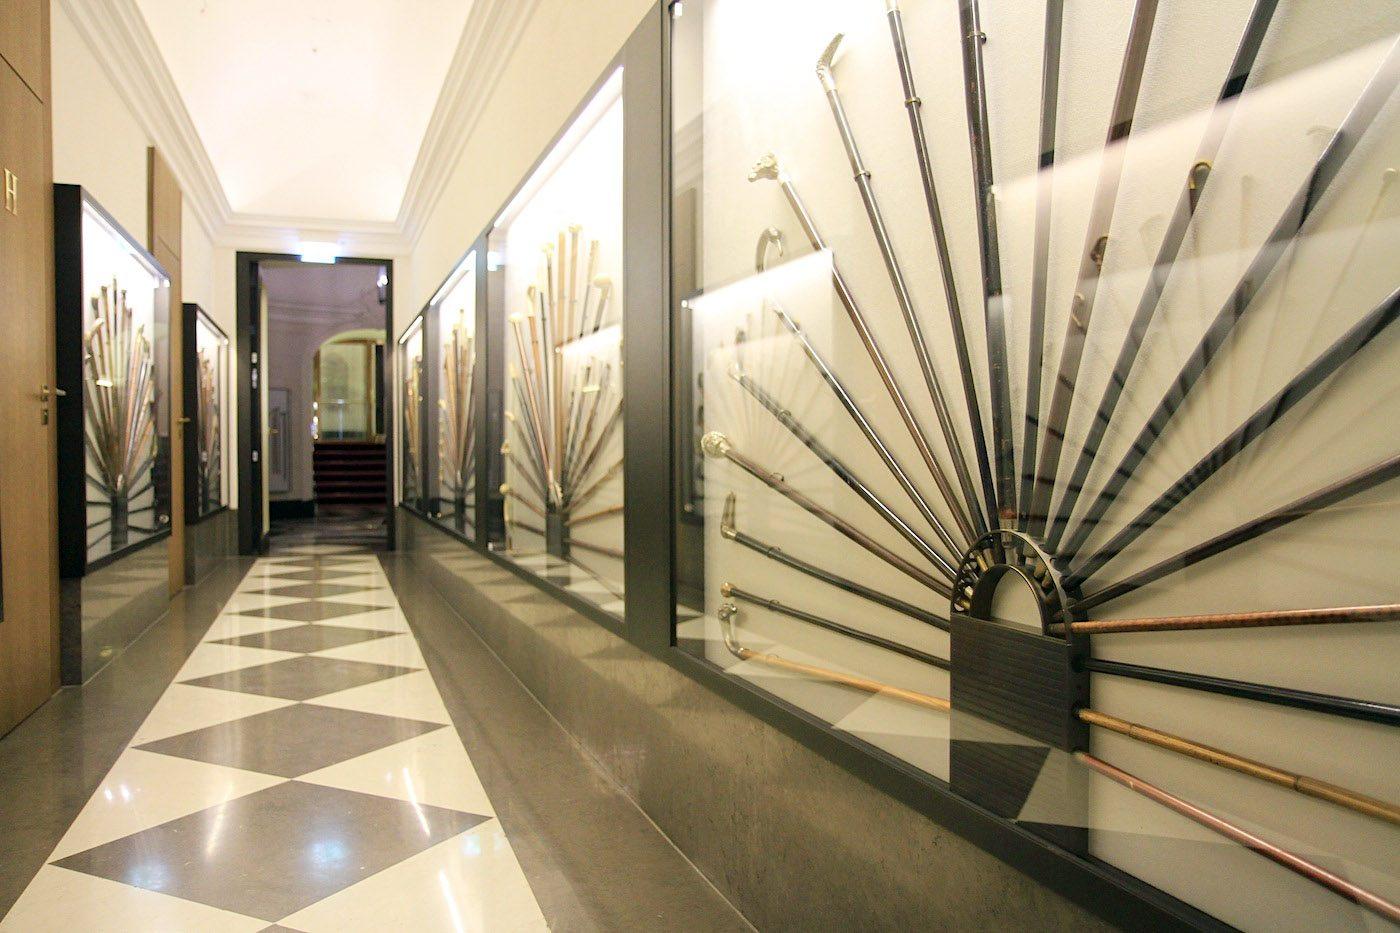 Derag Livinghotel De Medici.  Spazierstocksammlung stammt Großteils aus dem 18. vor allem 19. Jahrhundert, der Epoche des Flaneurs